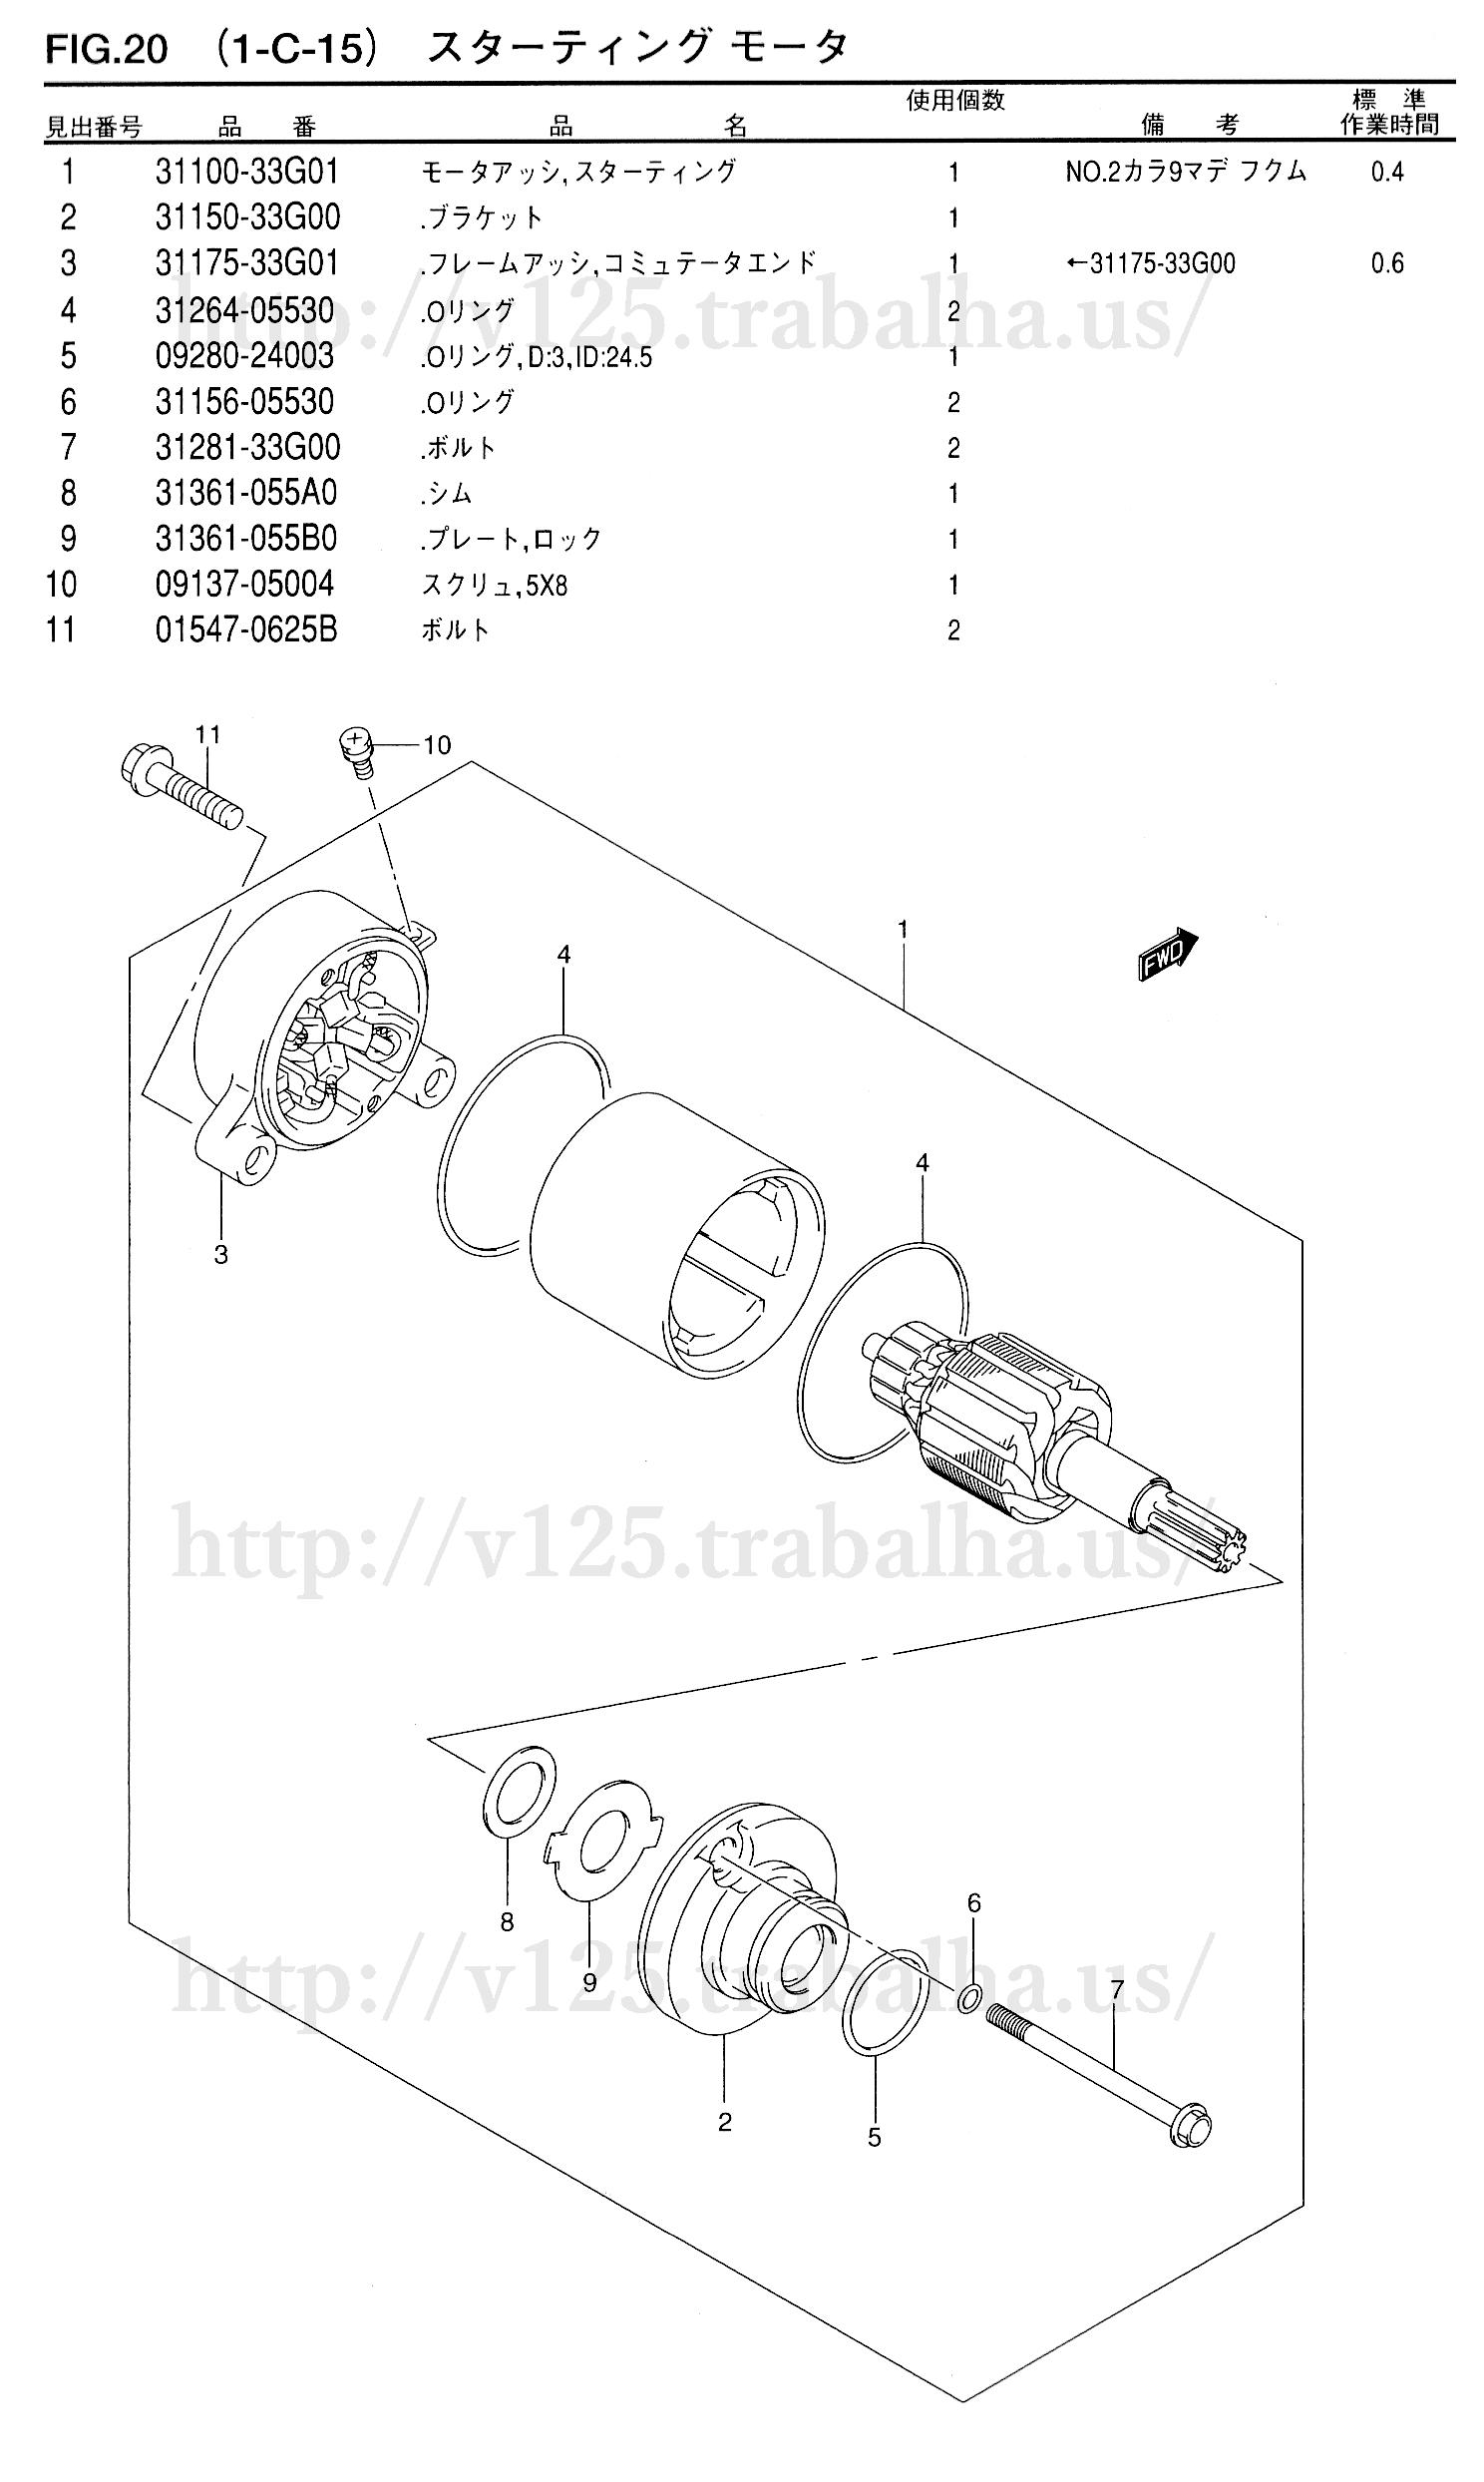 FIG.20(1-C-15)スターティングモータ